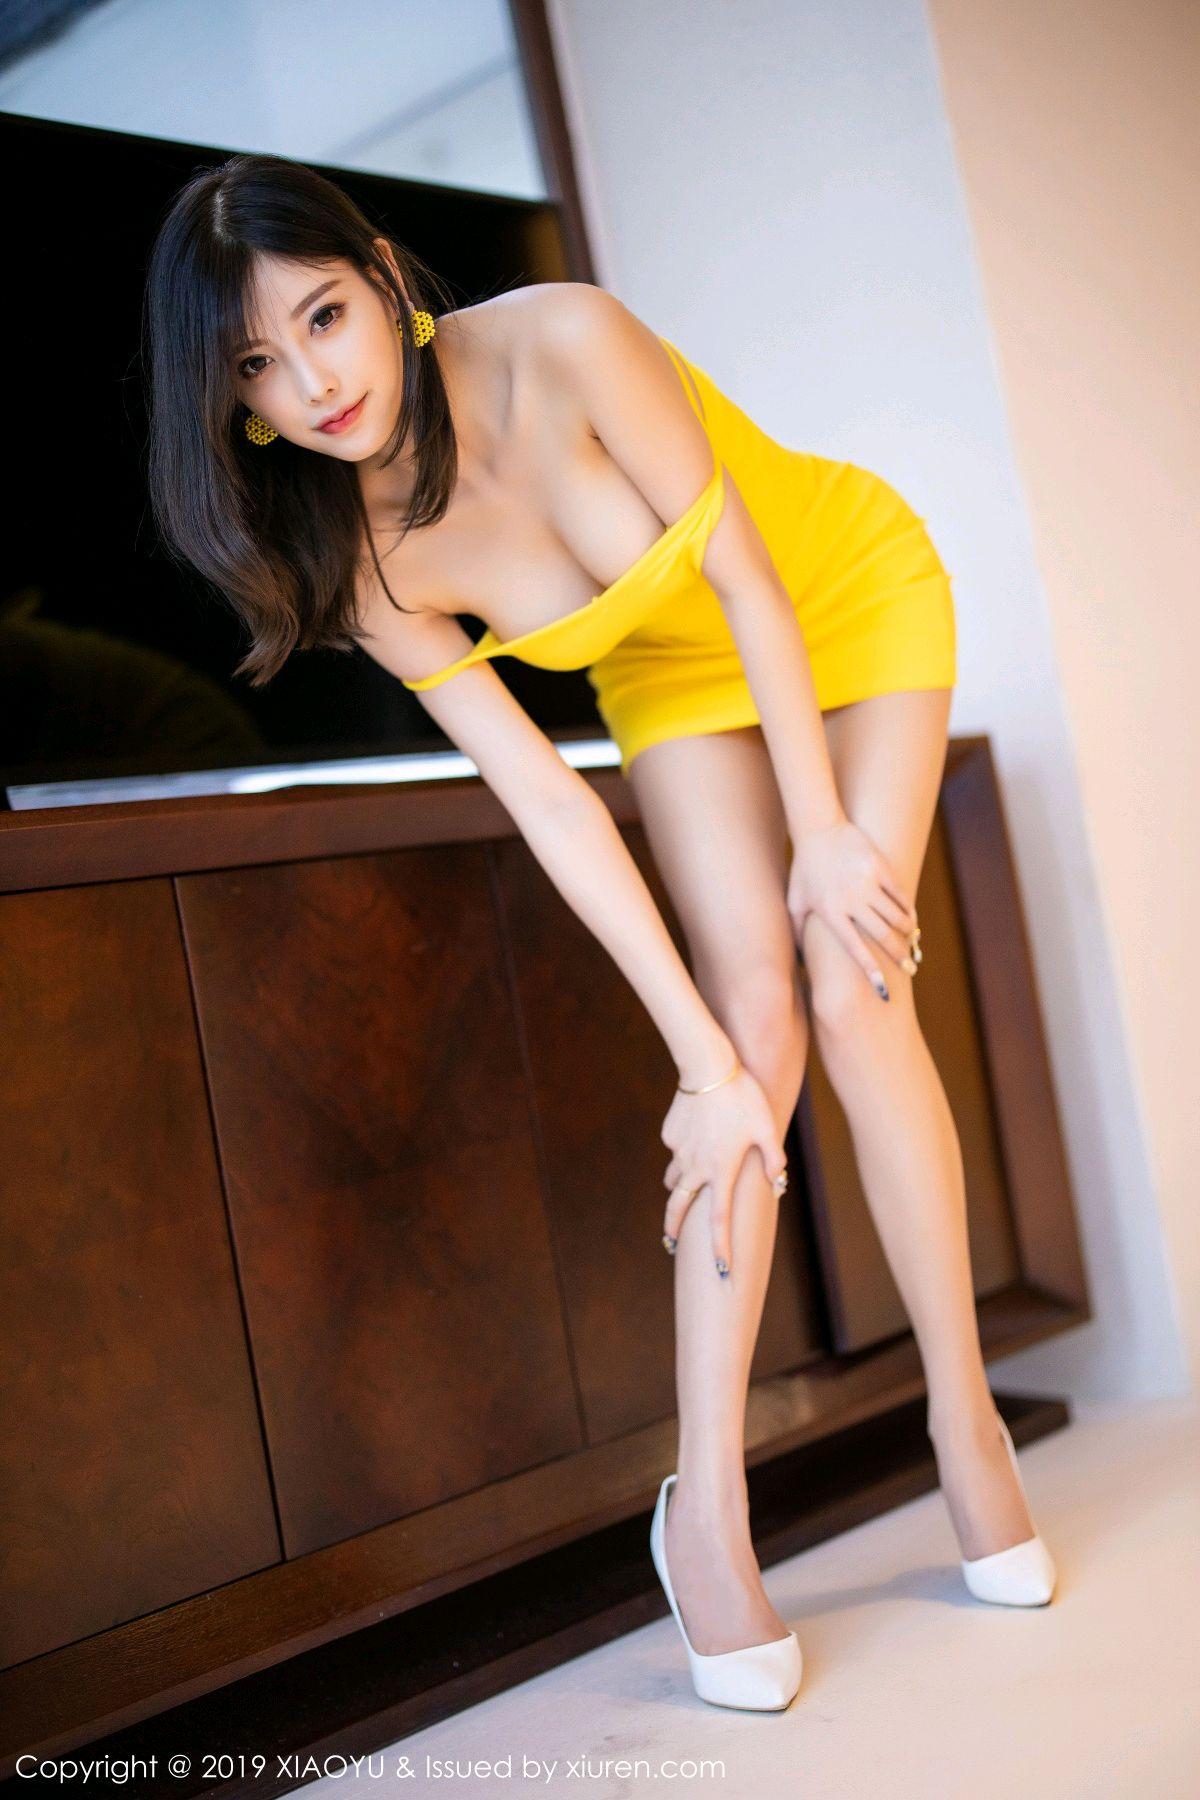 [XiaoYu] VOL.204 Yang Chen Chen 35P, Pure, XiaoYu, Yang Chen Chen